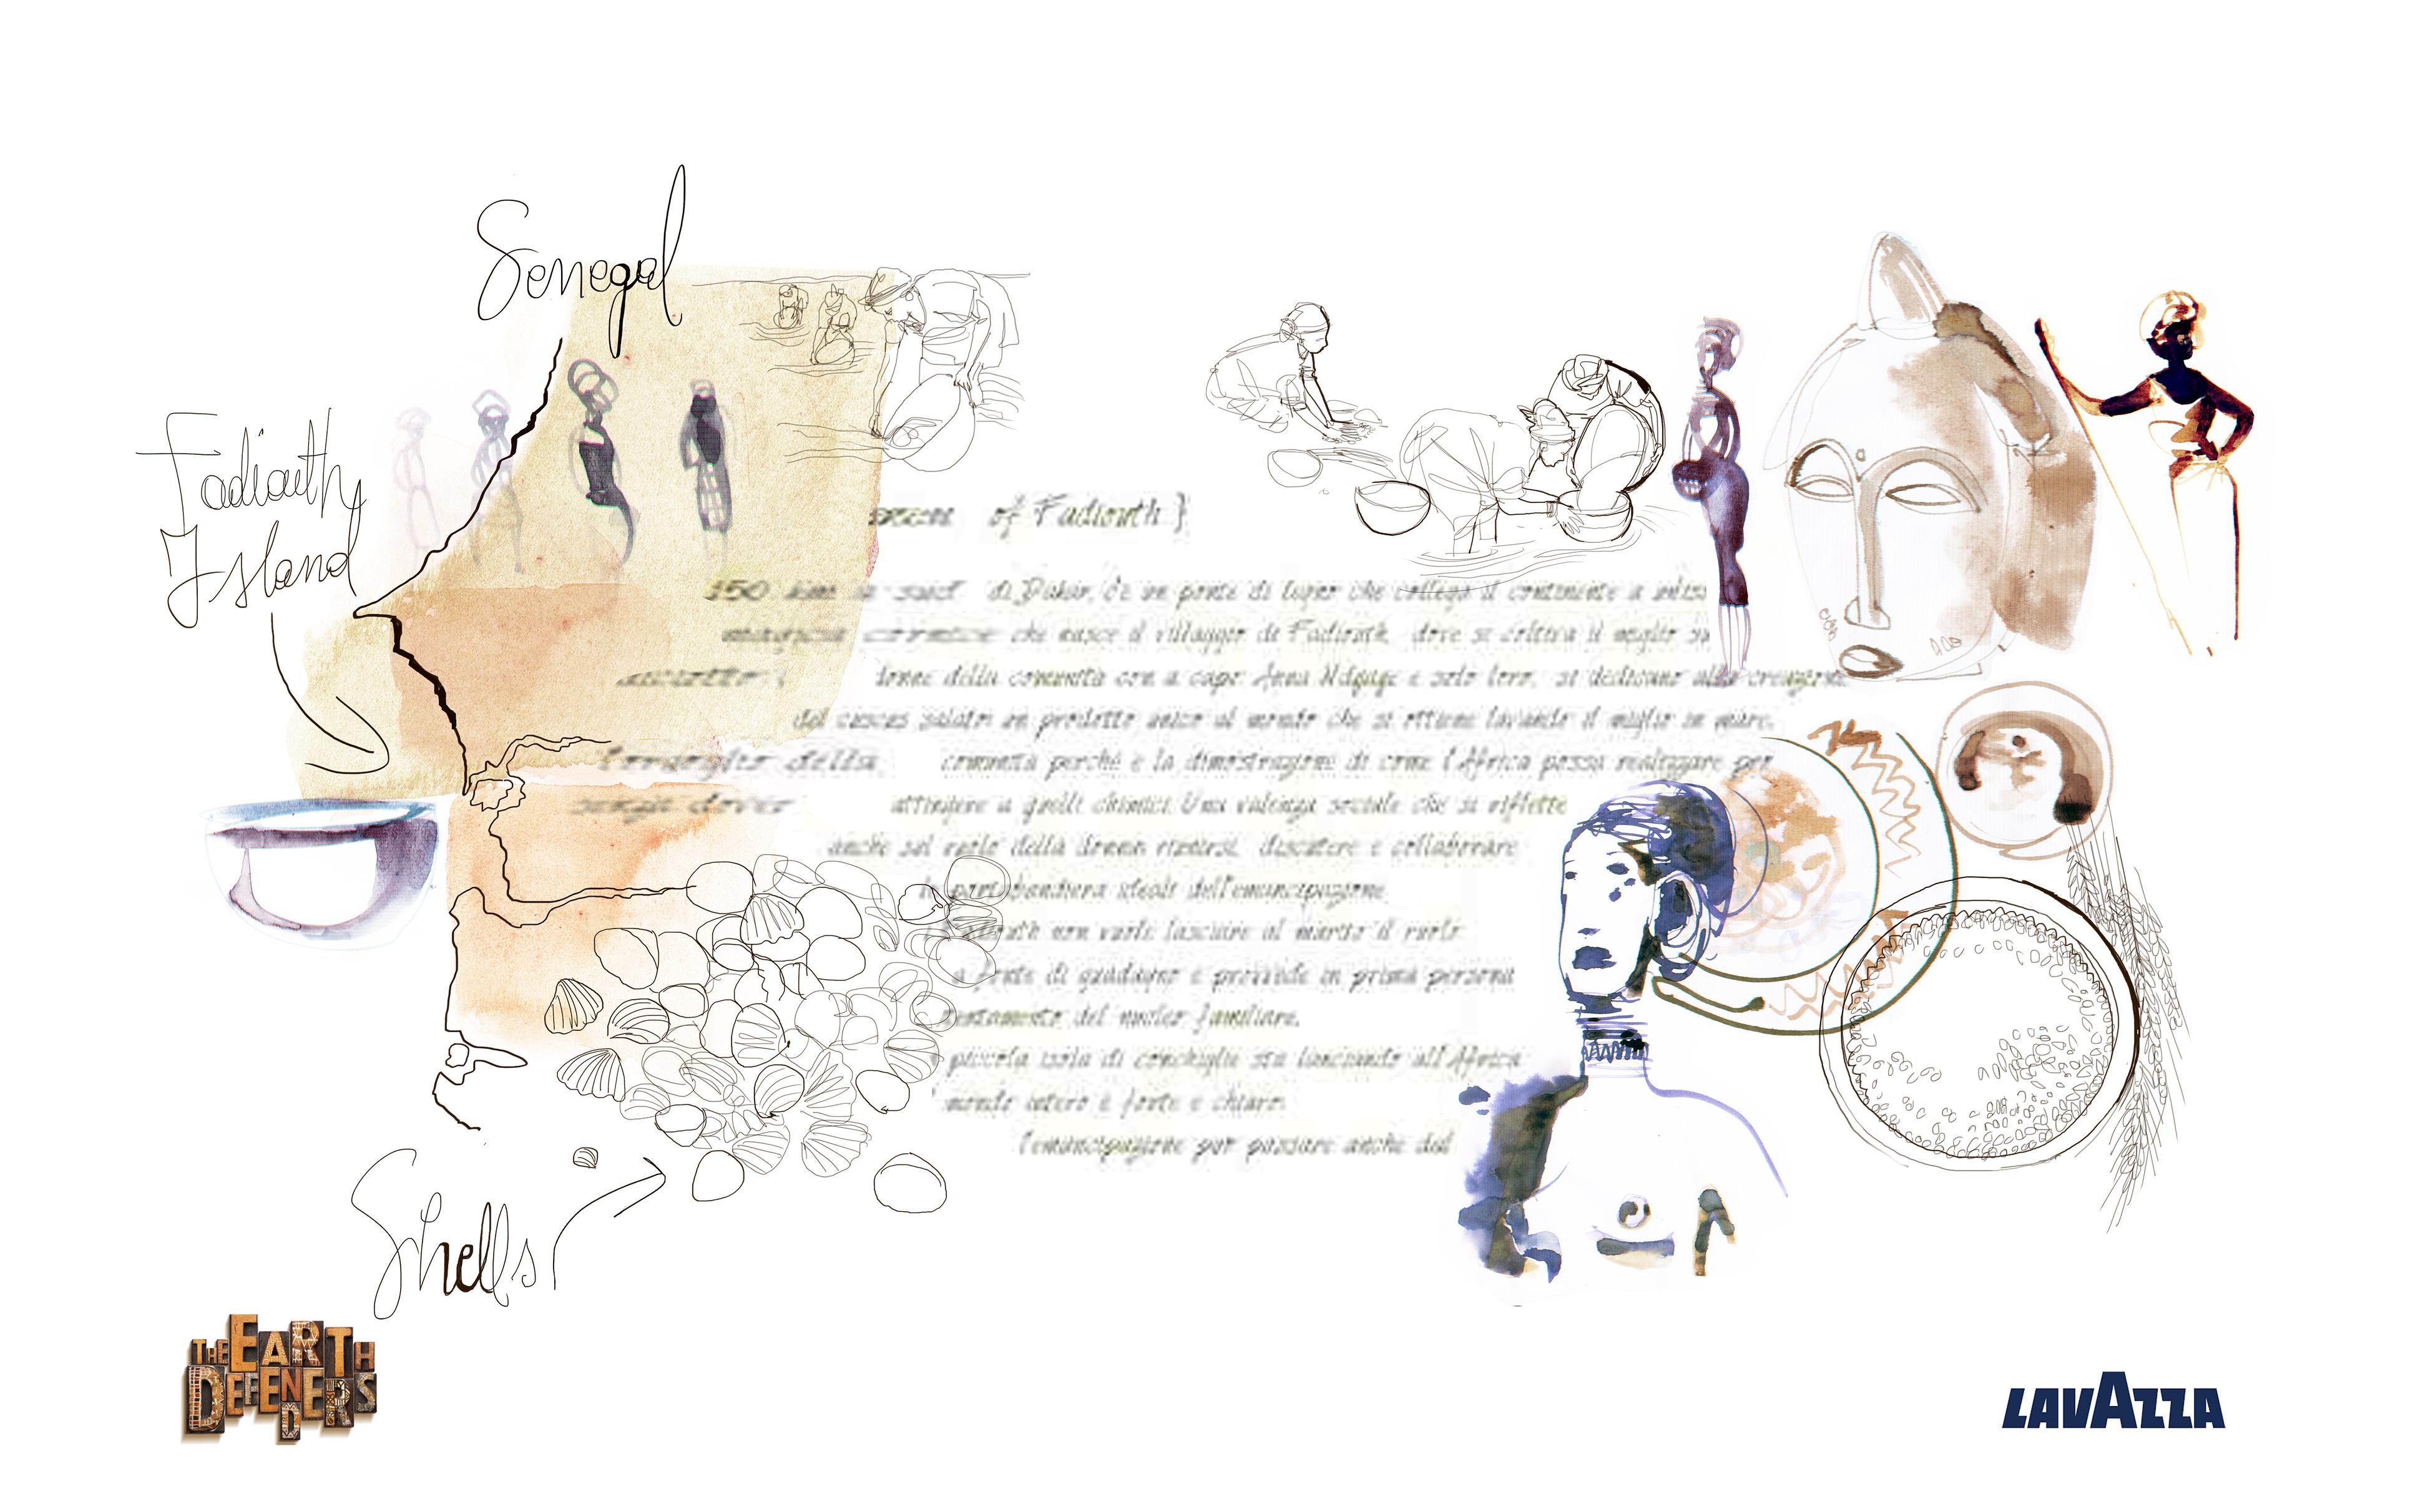 Lavazza Calendar, The earth defenders, watercolor illustration